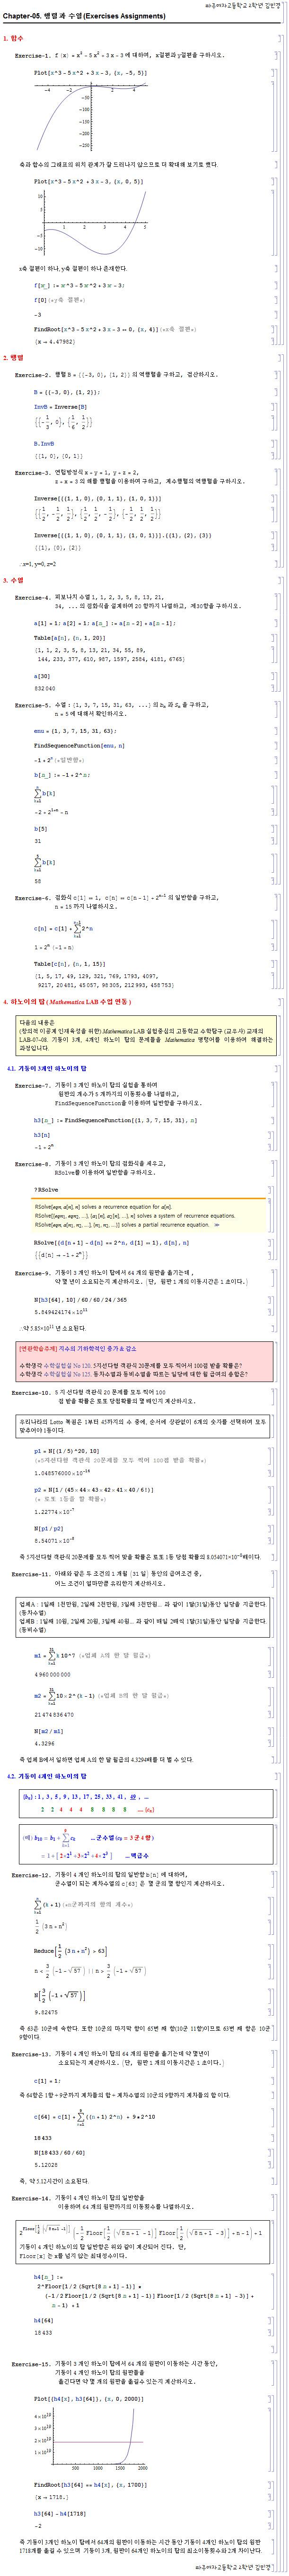 exercise05.jpg